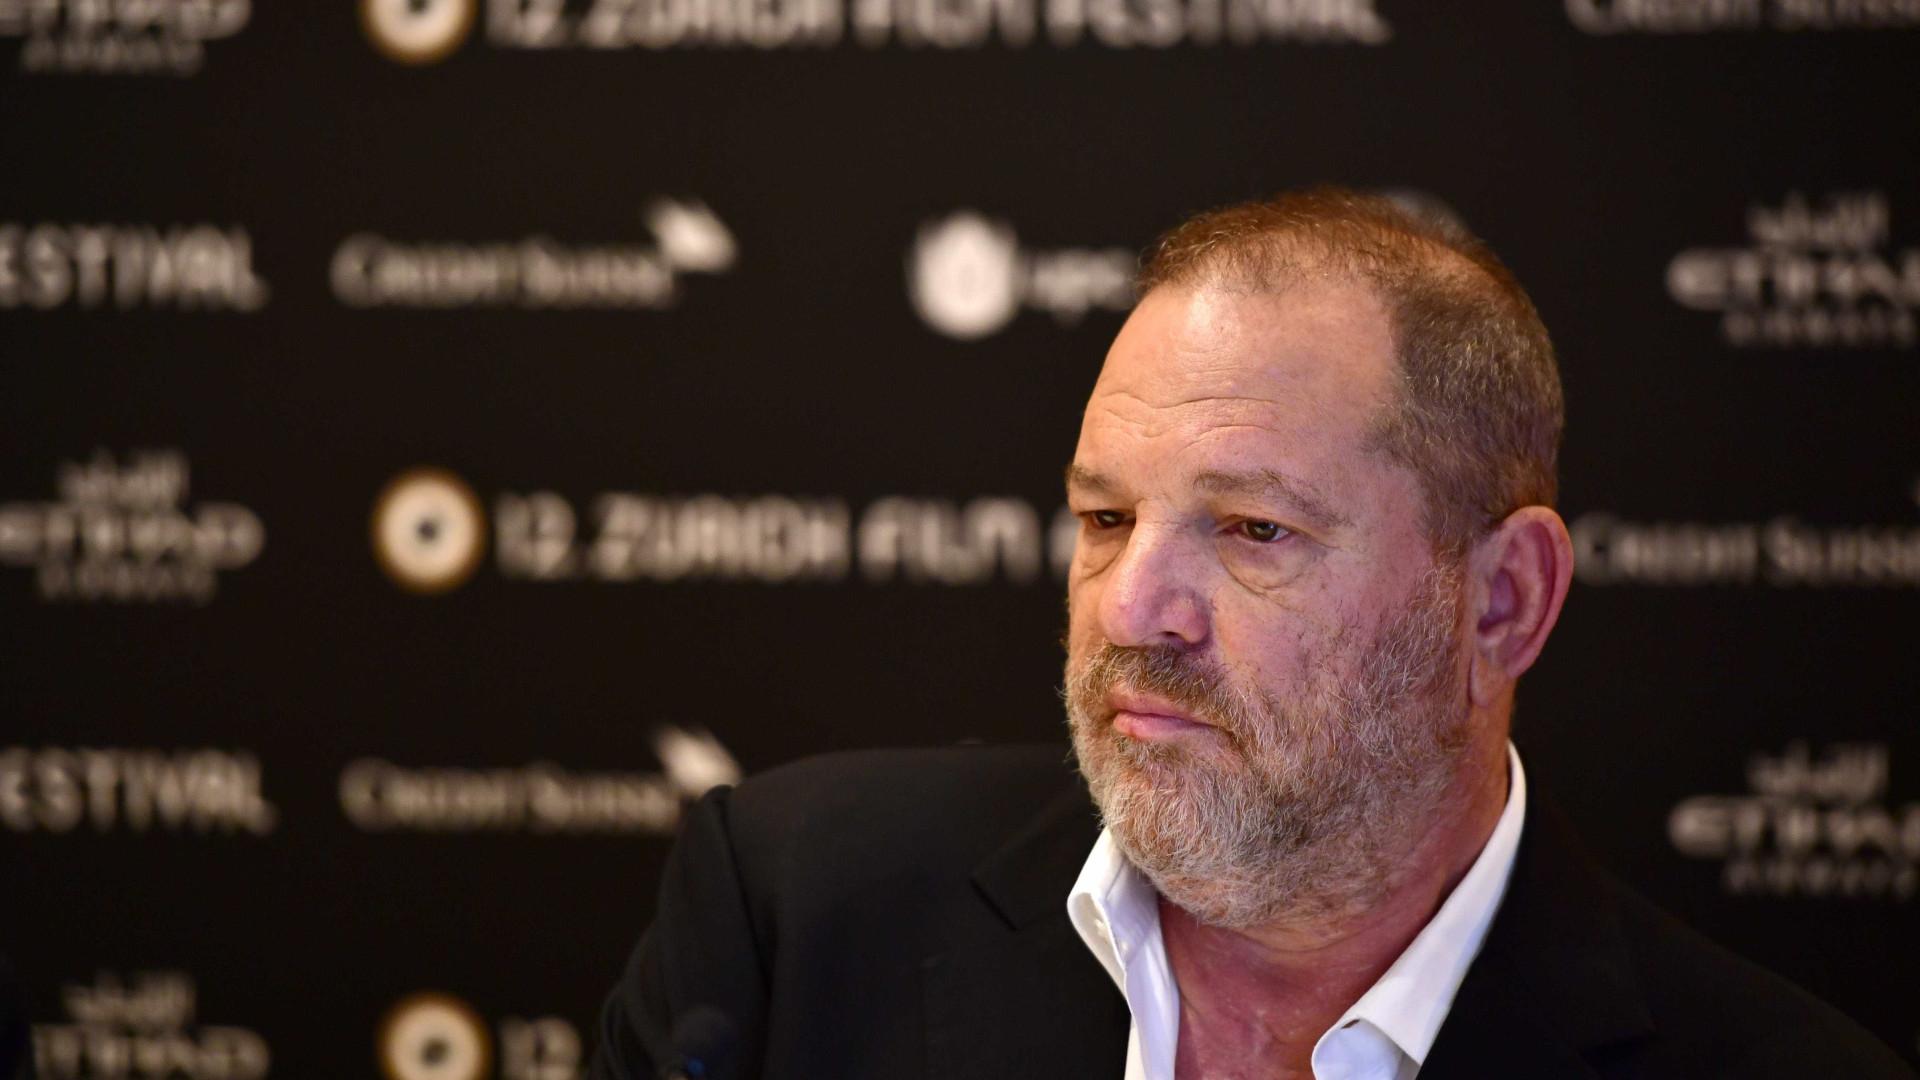 Harvey Weinstein pagou um milhão de dólares para 'calar' modelo italiana